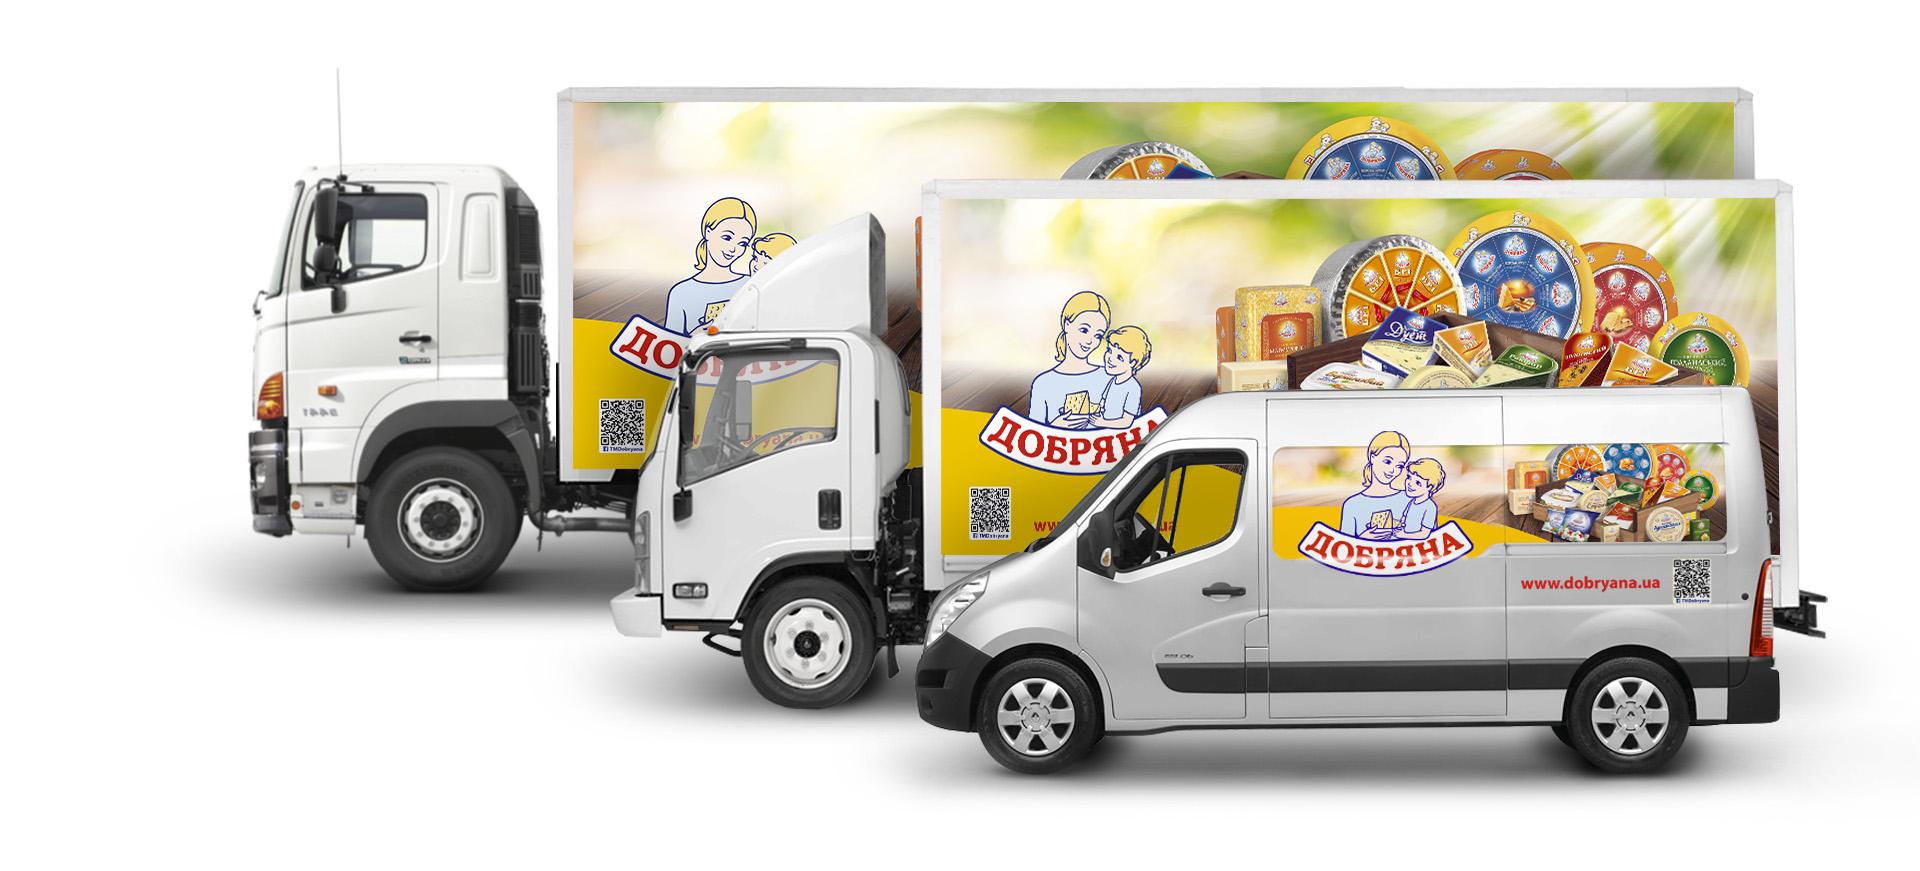 брендирование транспорта сумы, реклама на авто сумы, транспорт сумы, поклейка машин, апельсин сумы брендирование